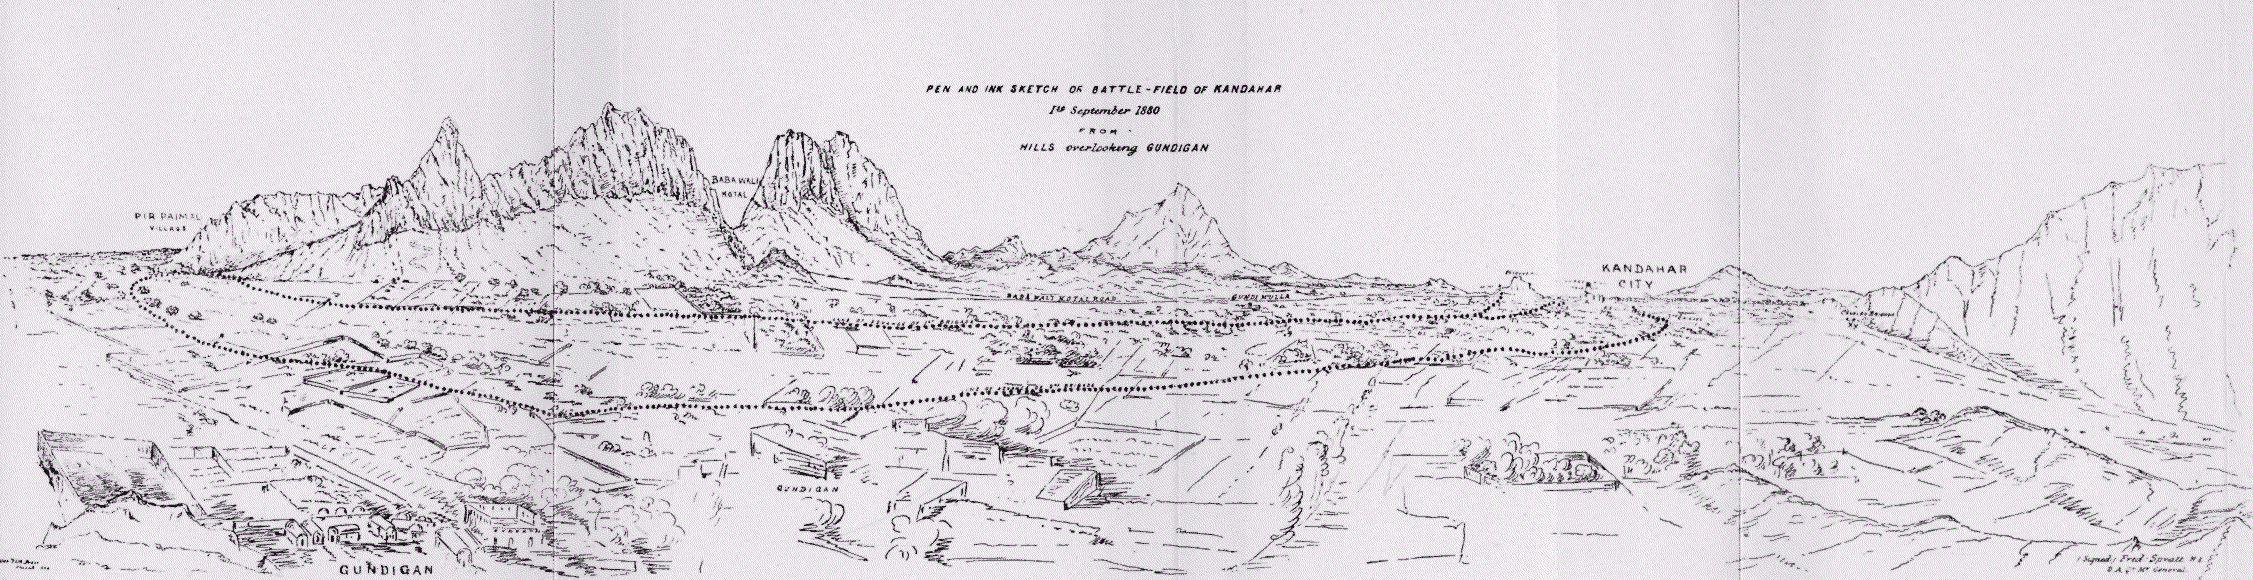 map9kanda-2253